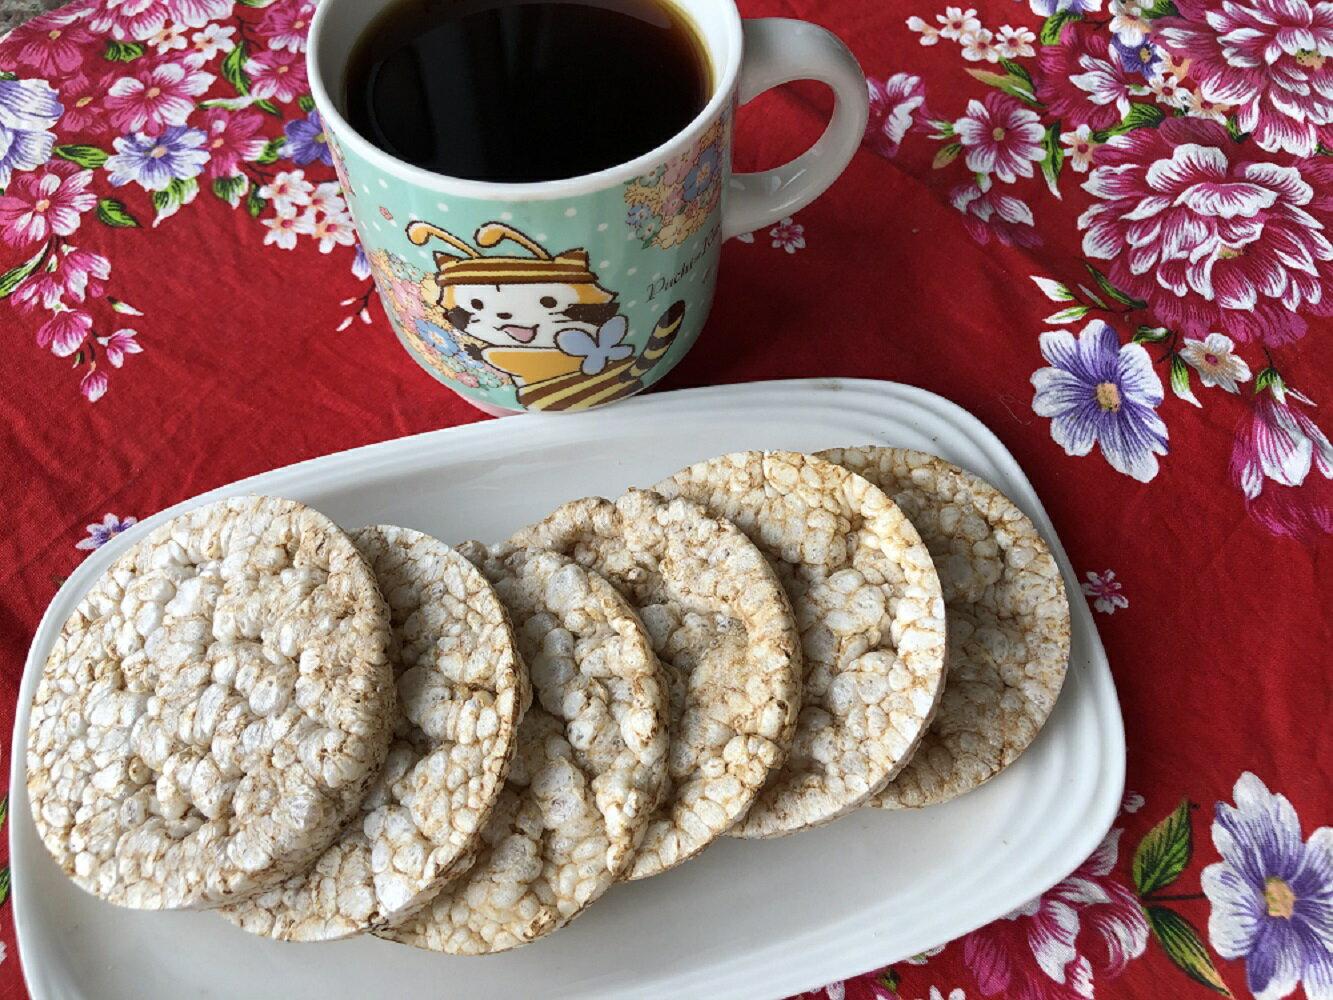 陳家庄超人氣 無糖糙米餅 (罐裝約23片/罐 ) 下午茶良伴 農特產伴手禮